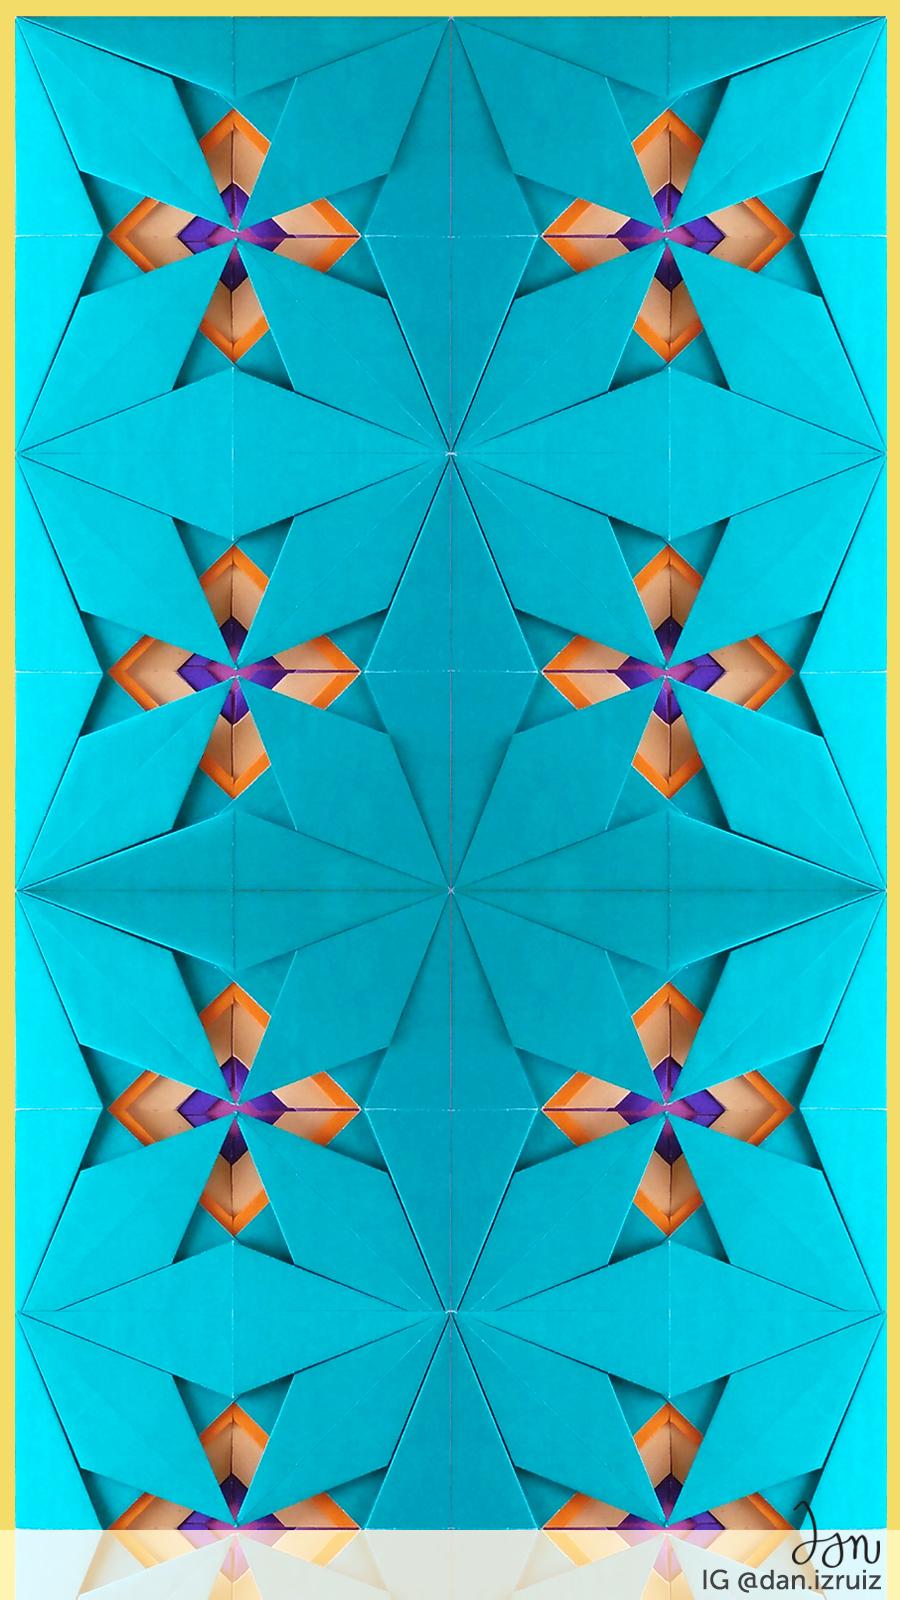 phone wallpaper origami